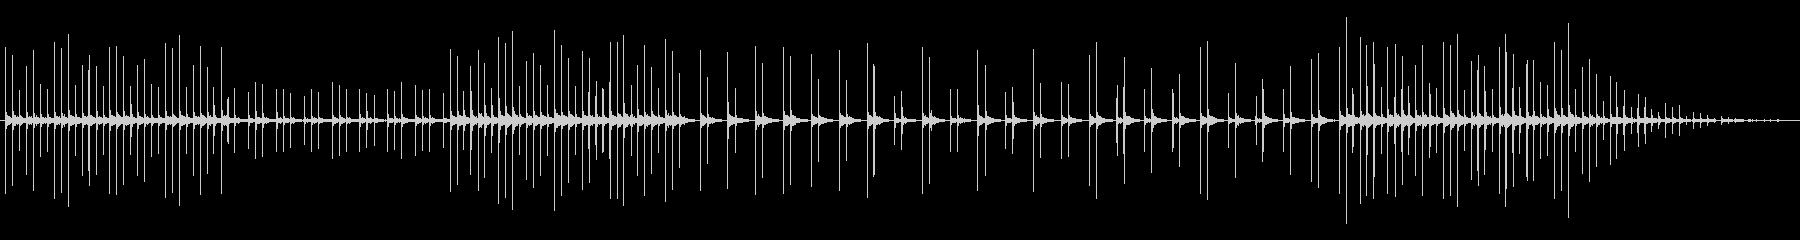 ウッドブロックソロで雨もり、洞窟の未再生の波形